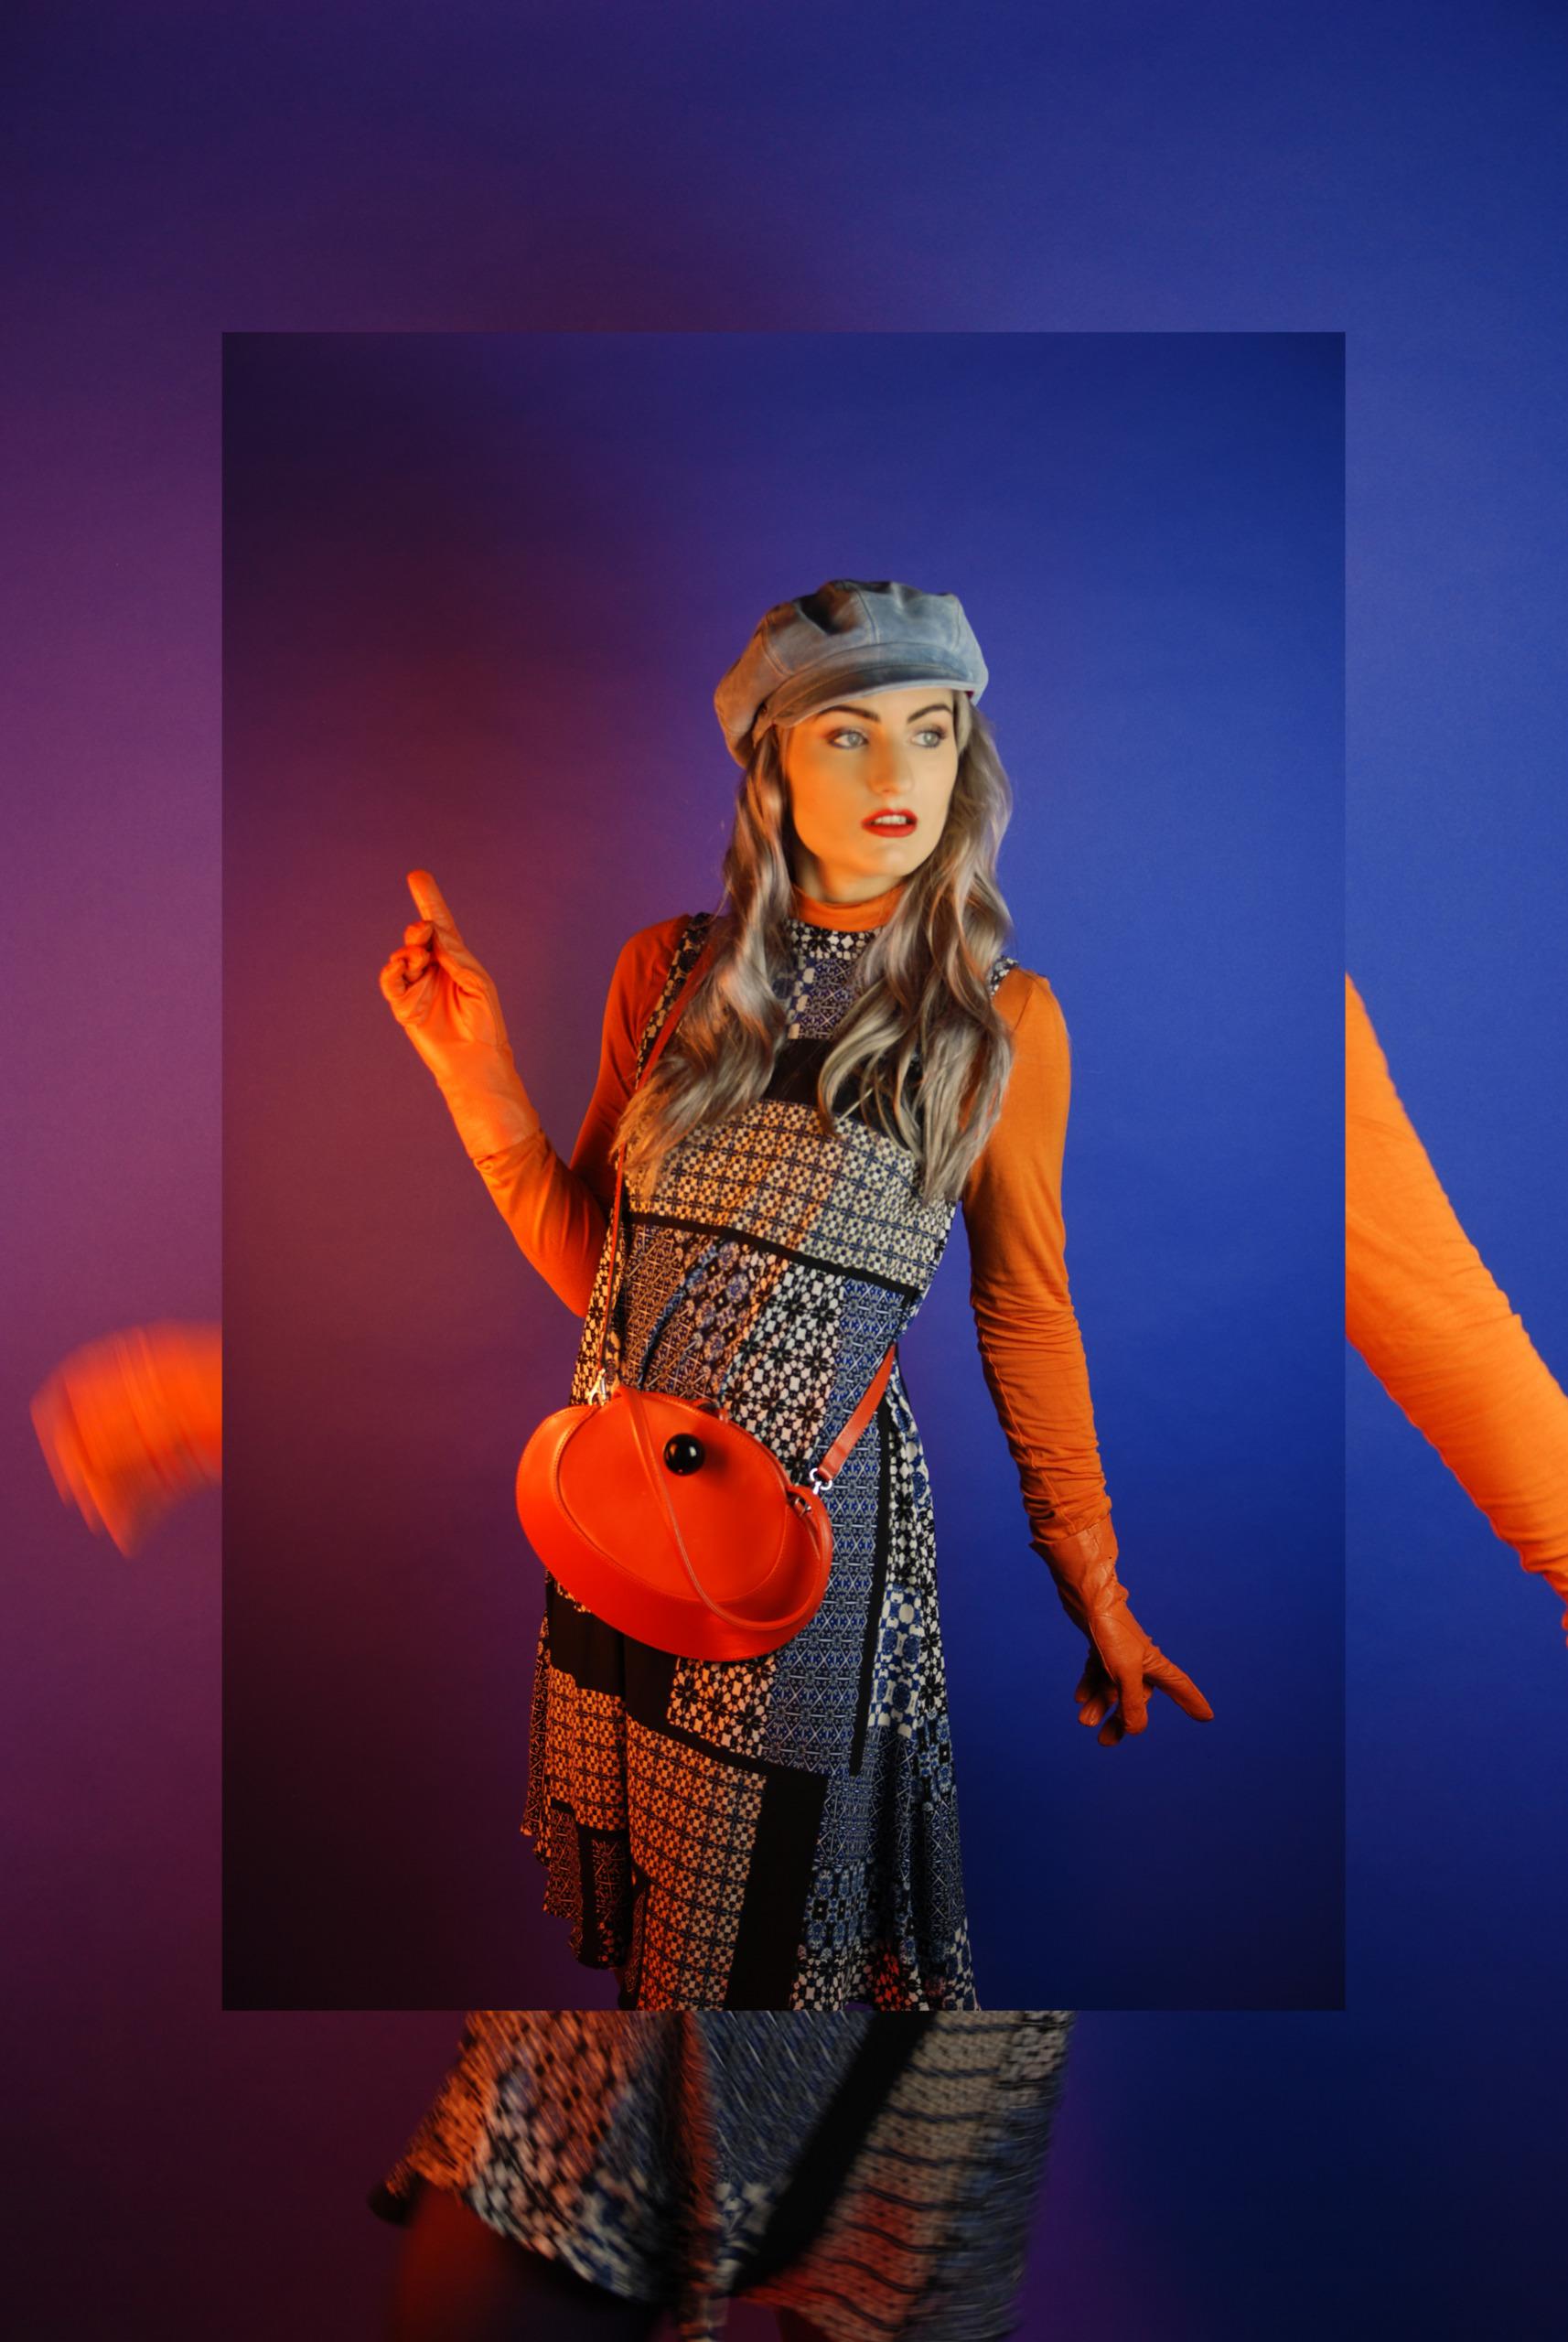 Zdjęcie przedstawia młodą kobietę ubraną w sukienkę, pomarańczową bluzkę, rękawiczki i torebkę w kolorze bluzki, kobieta ma niebieski beret na głowie i patrzy w lewą stronę. Całość na niebieskim tle oświetlonym ciepłym światłem.